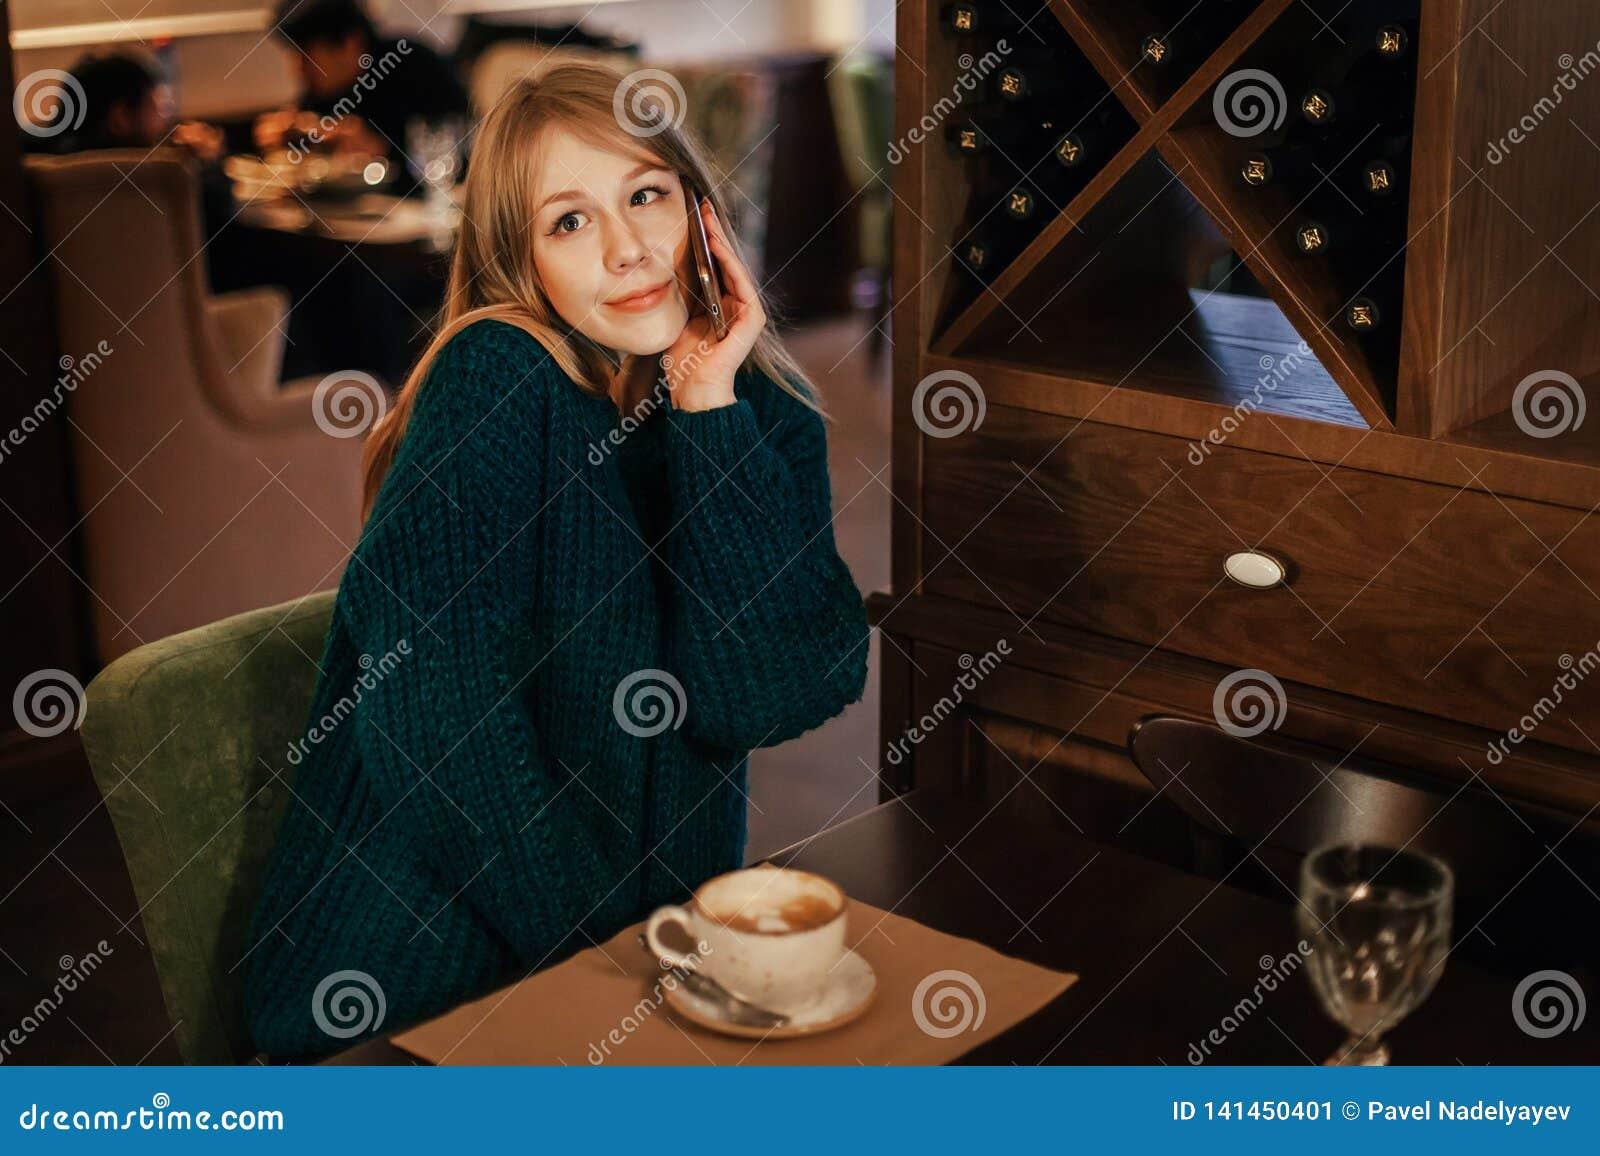 Piękna młodej kobiety blondynka pije kawę w restauracji zdziwiona emocja z telefonem kokietka